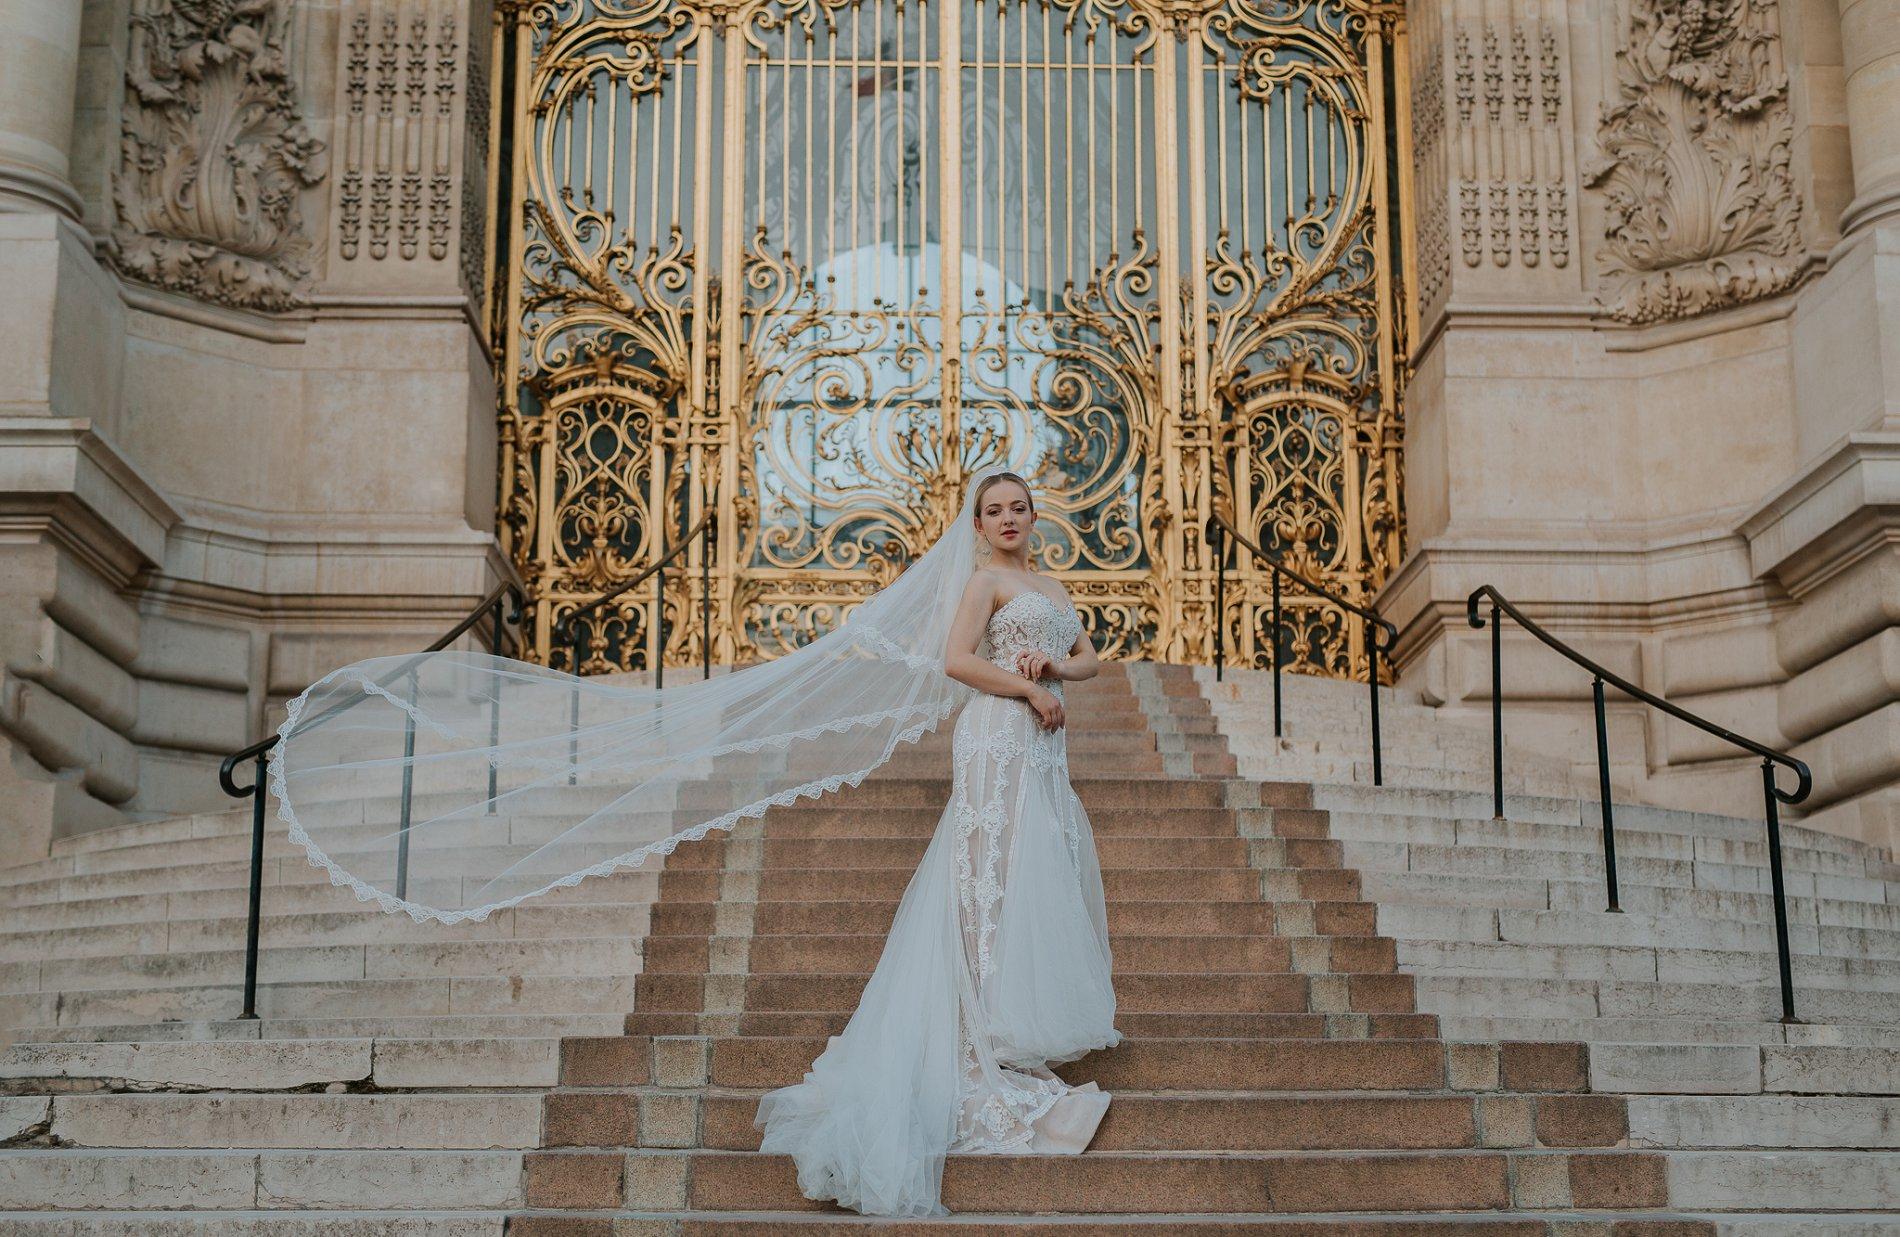 Miss He Bridal Romantic Paris Elopement (c) Xanthe Rowland Photography (42)